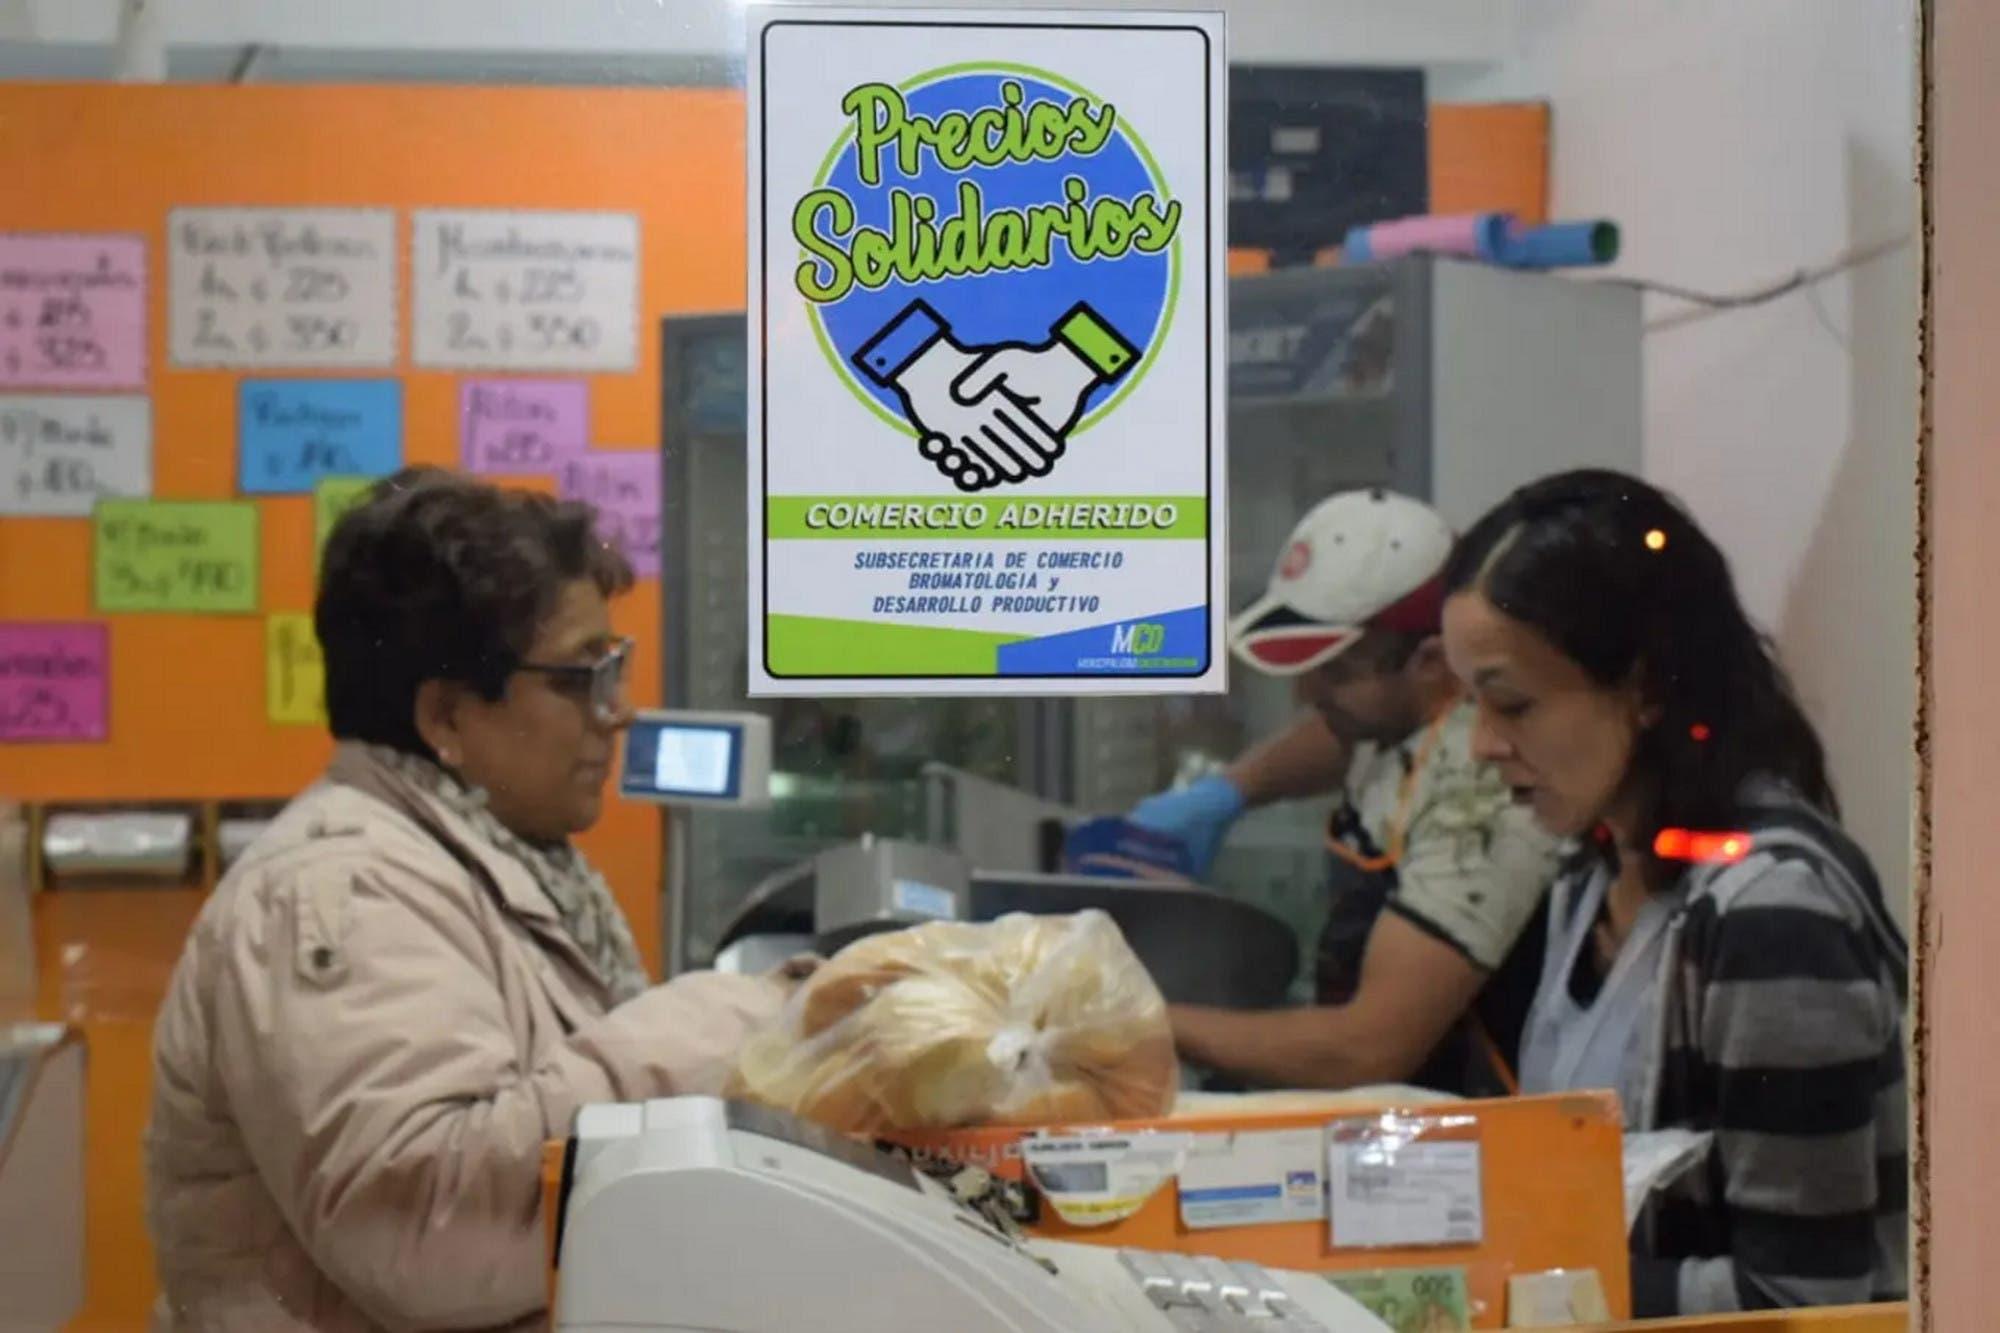 Un fenómeno que crece: premios y descuentos de municipios a sus vecinos